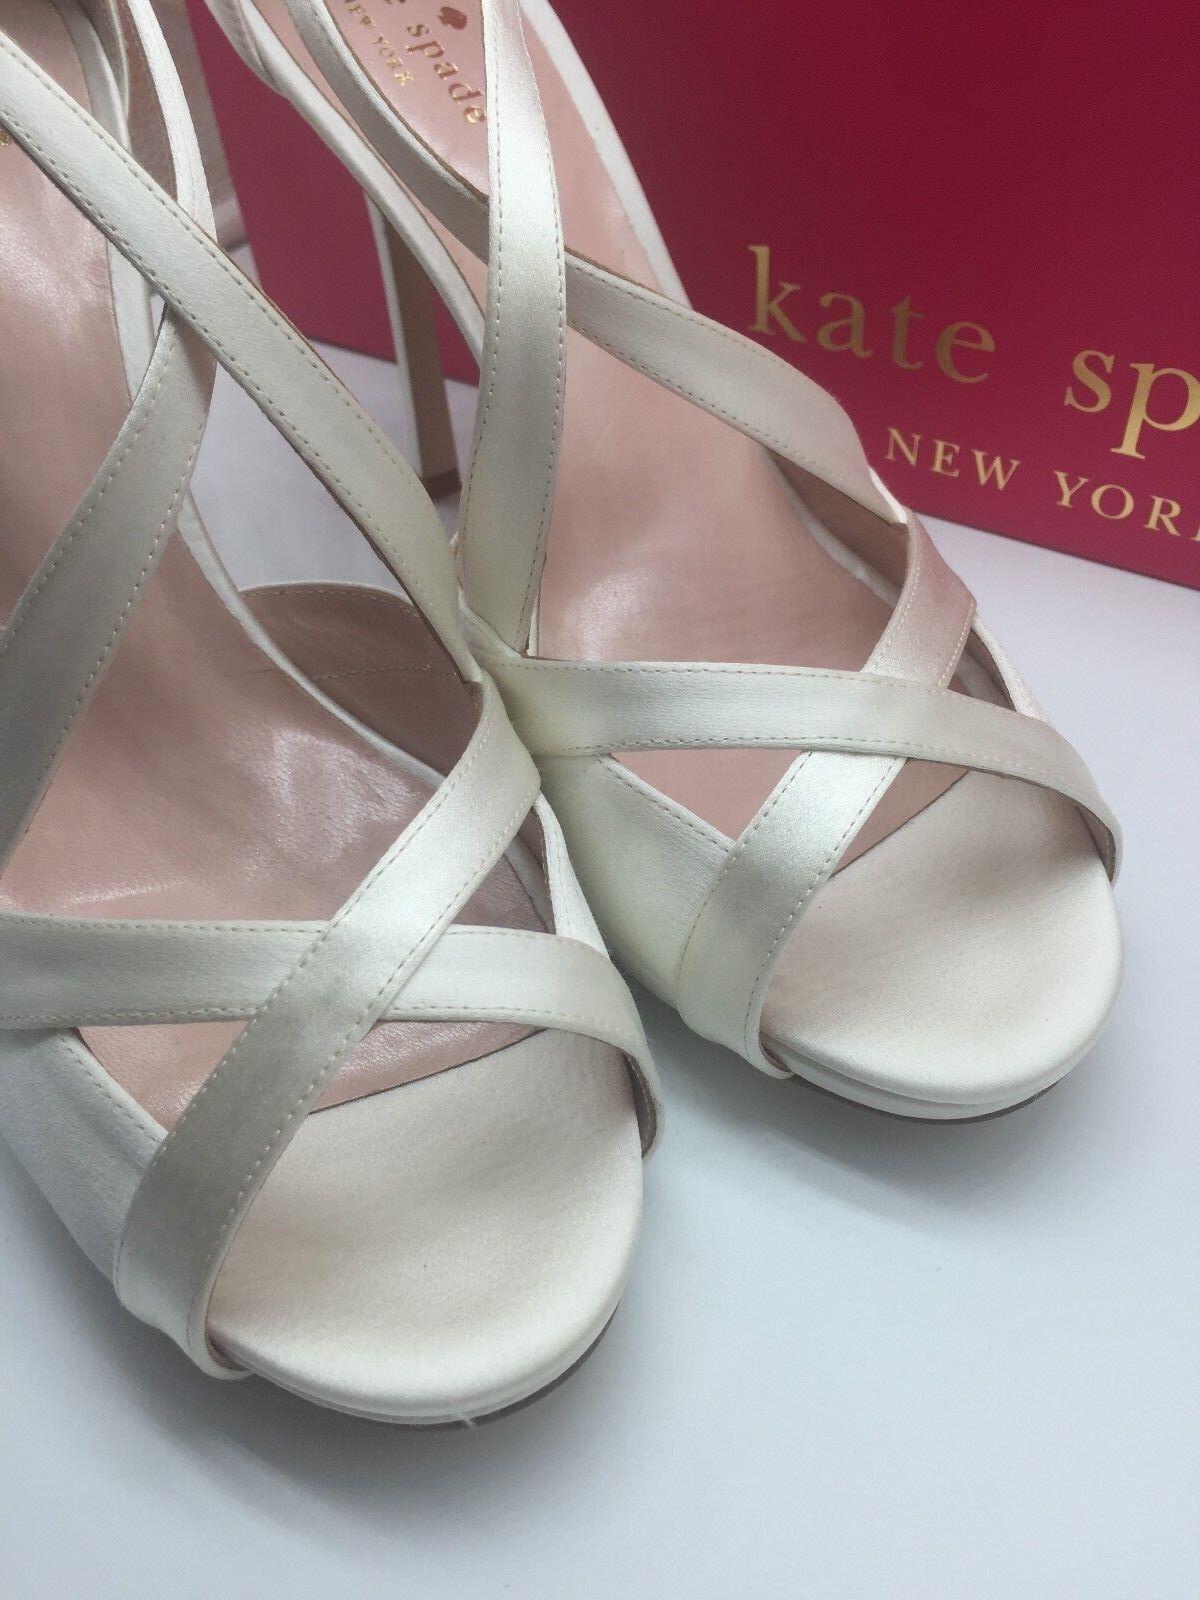 NIB Kate Spade Fensano Größe 10.5 Ivory Satin Strappy Wedding Wedding Wedding Sandals Heels  378 ae44f7